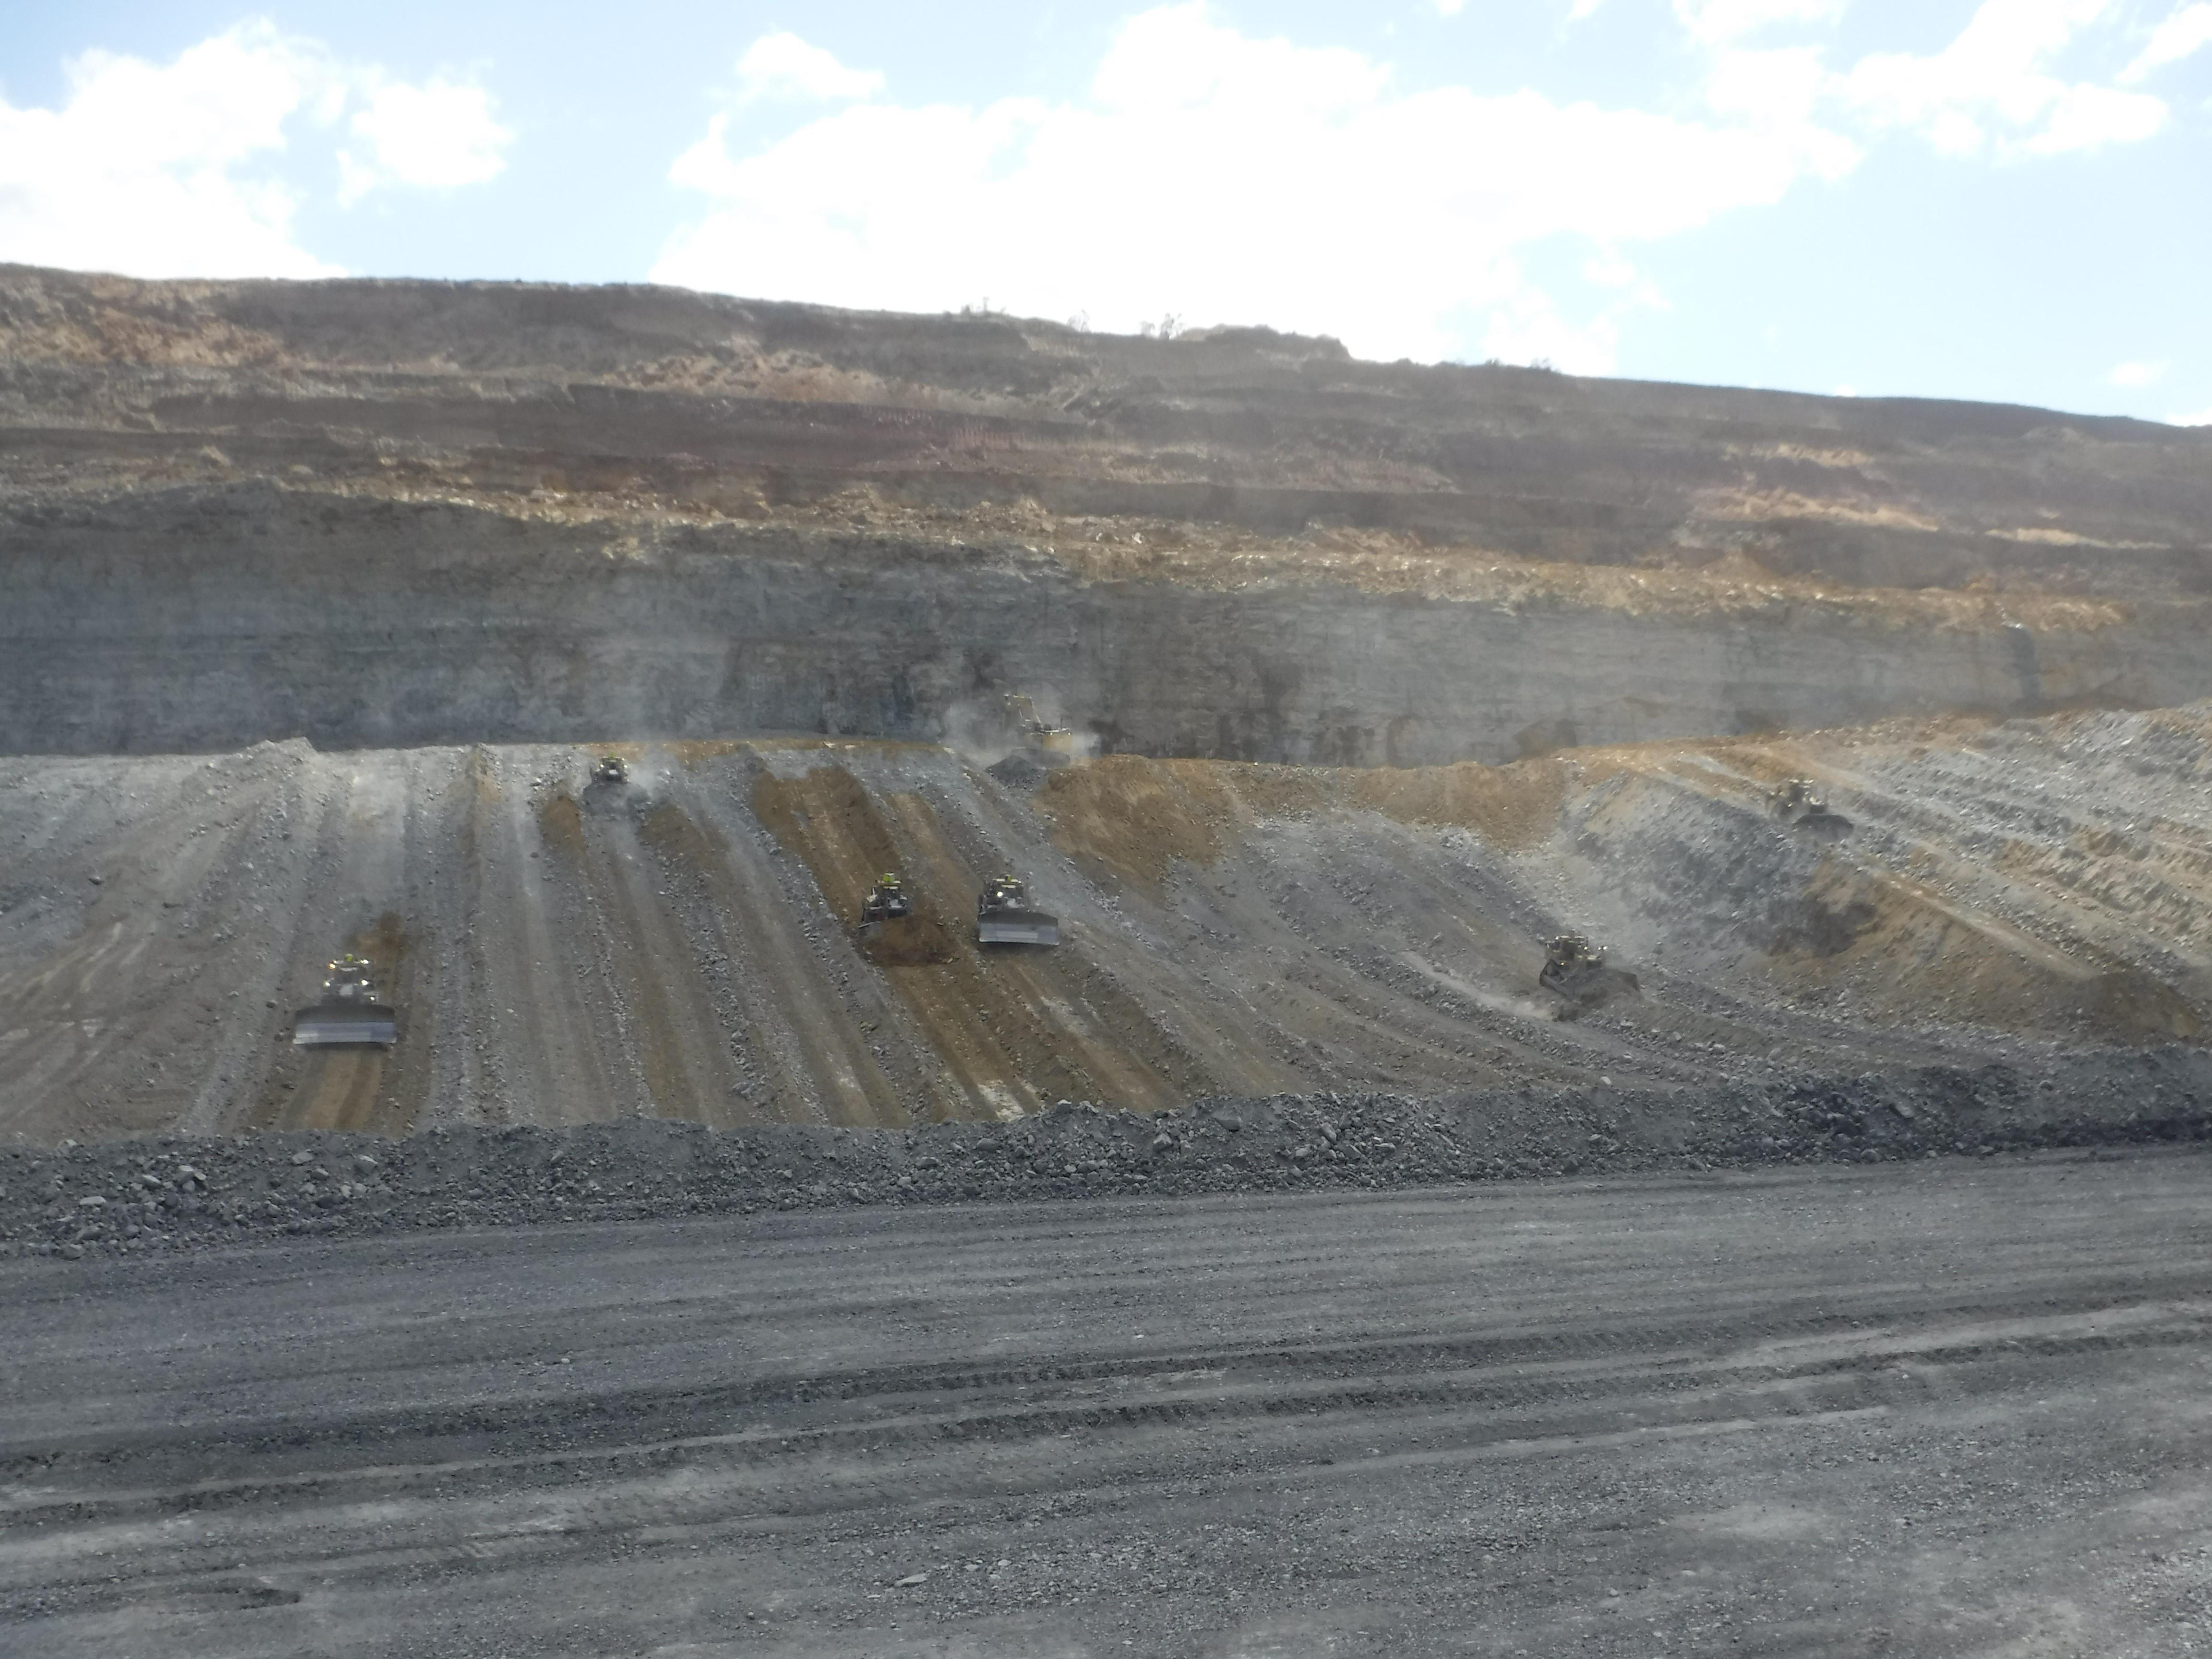 Middlemount Coal Mine - D10 & D12 Dozers in Action